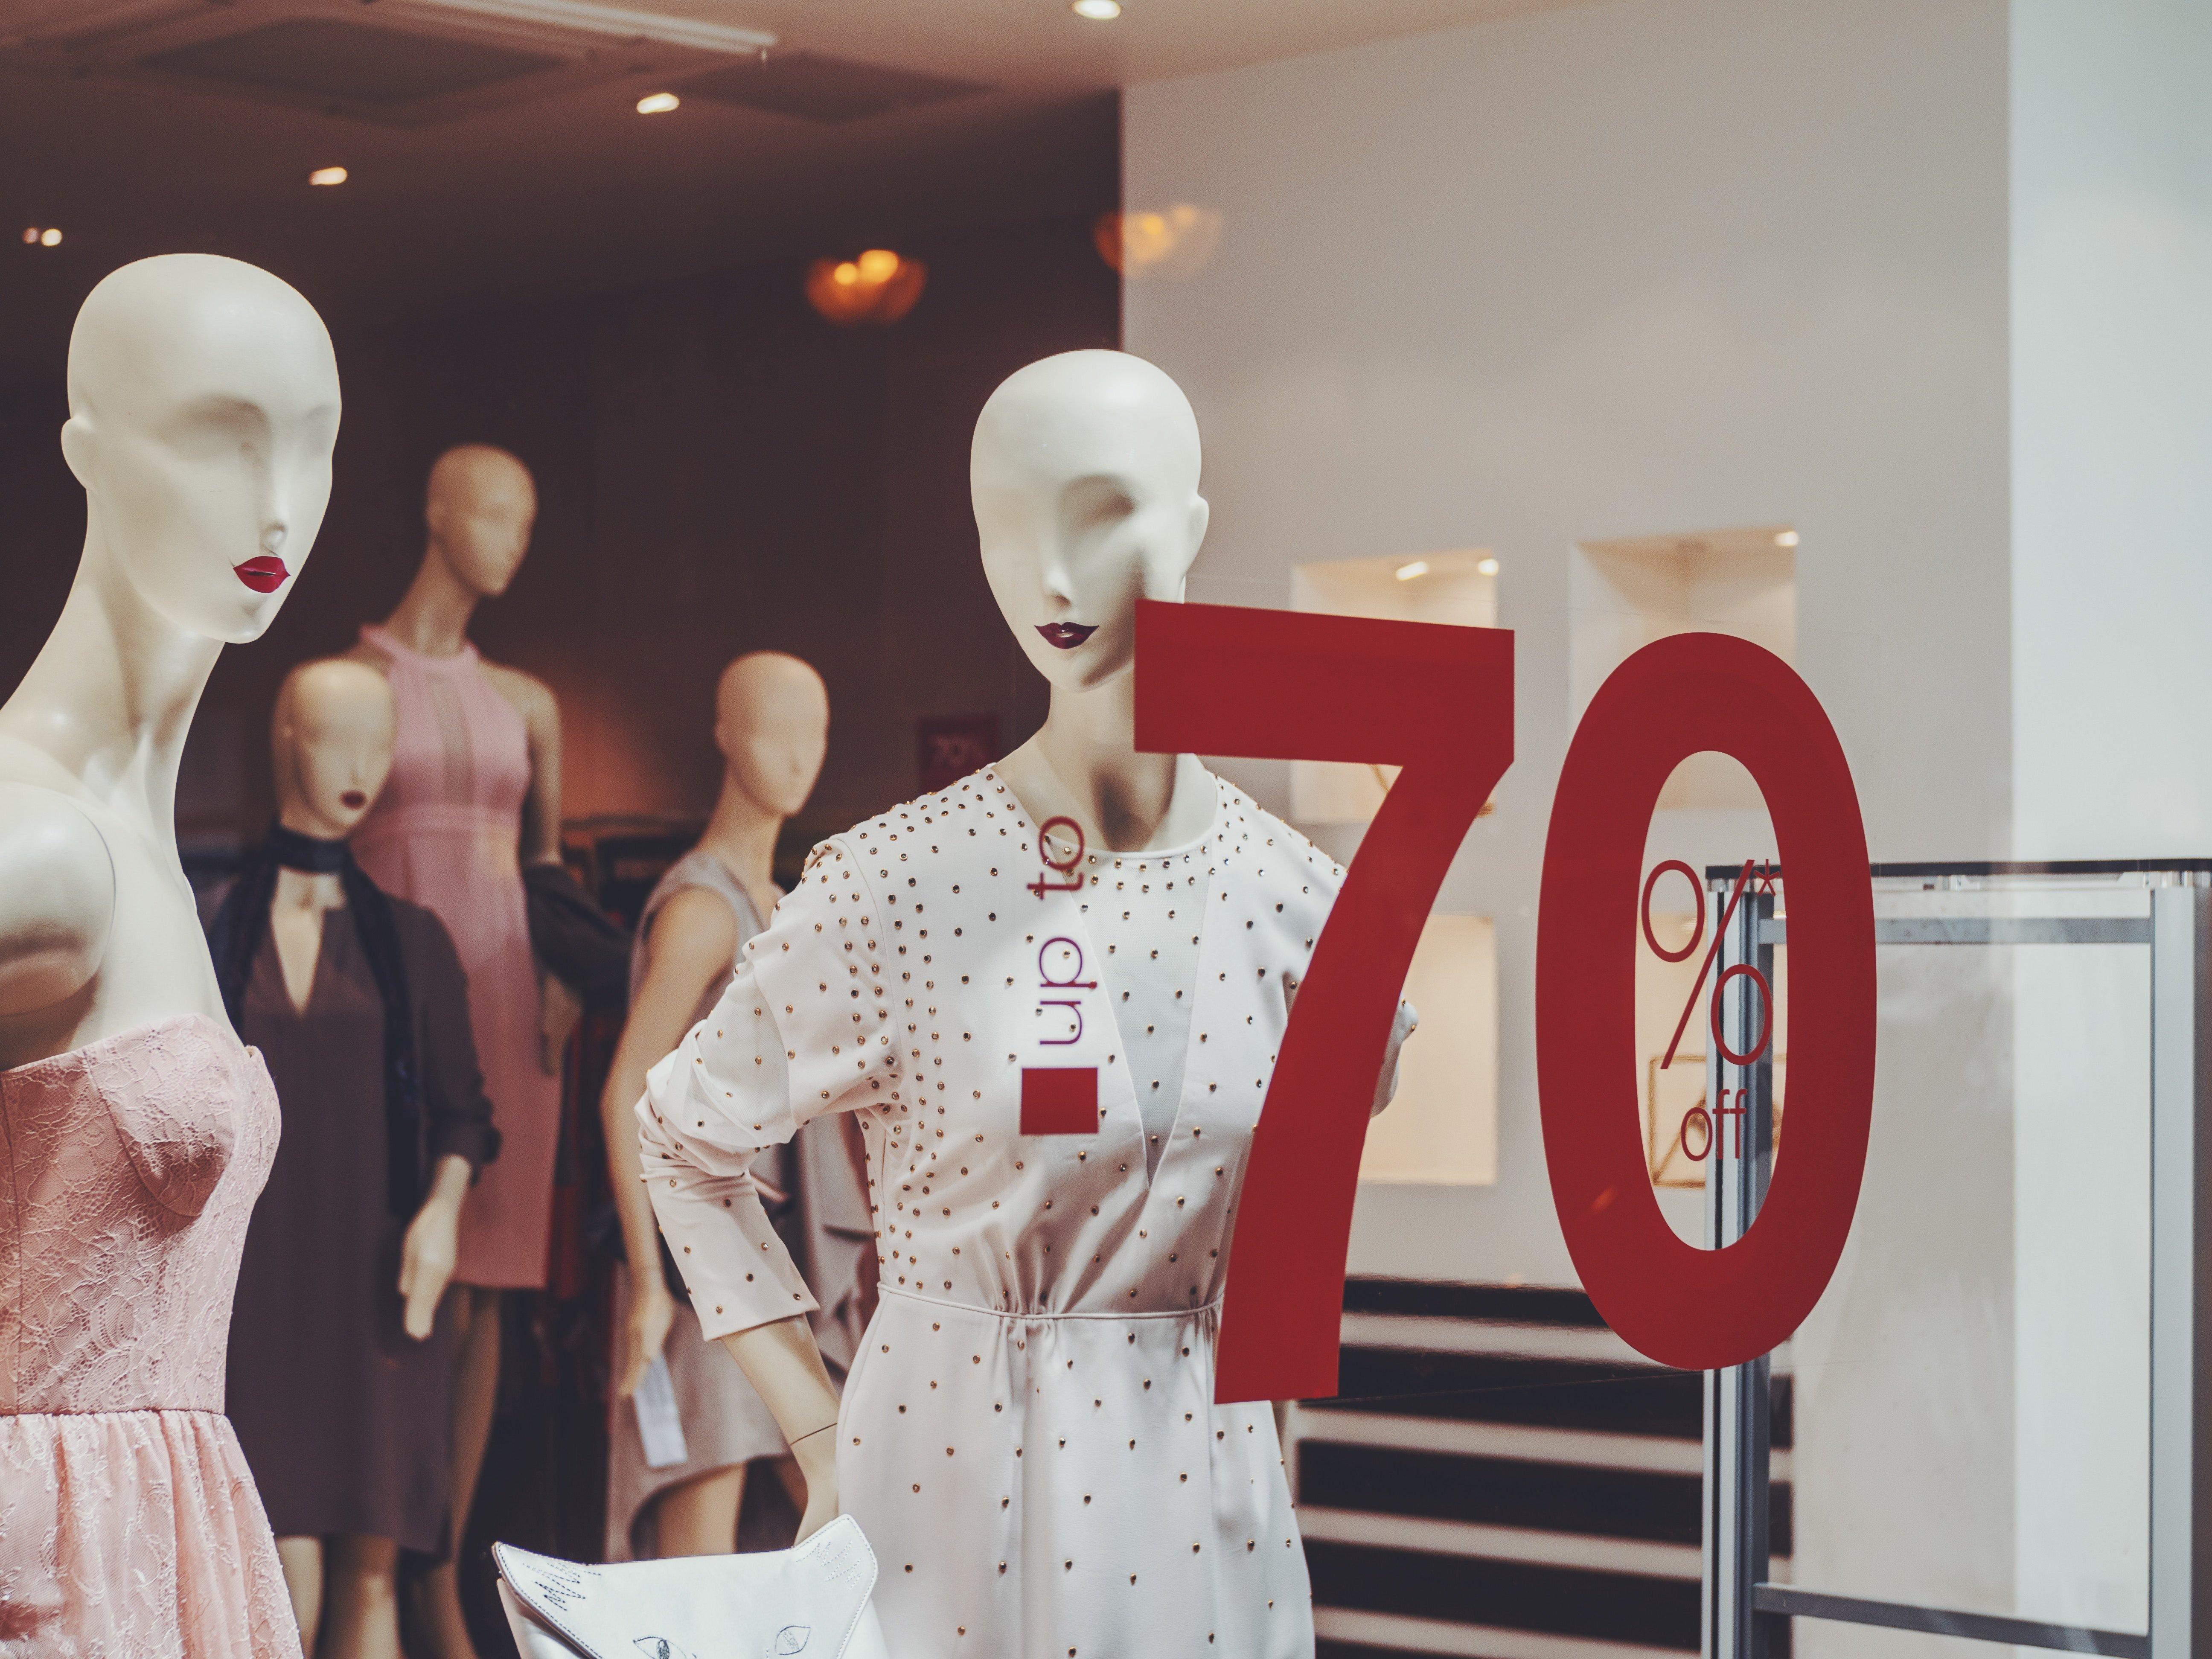 Retail blog akenza